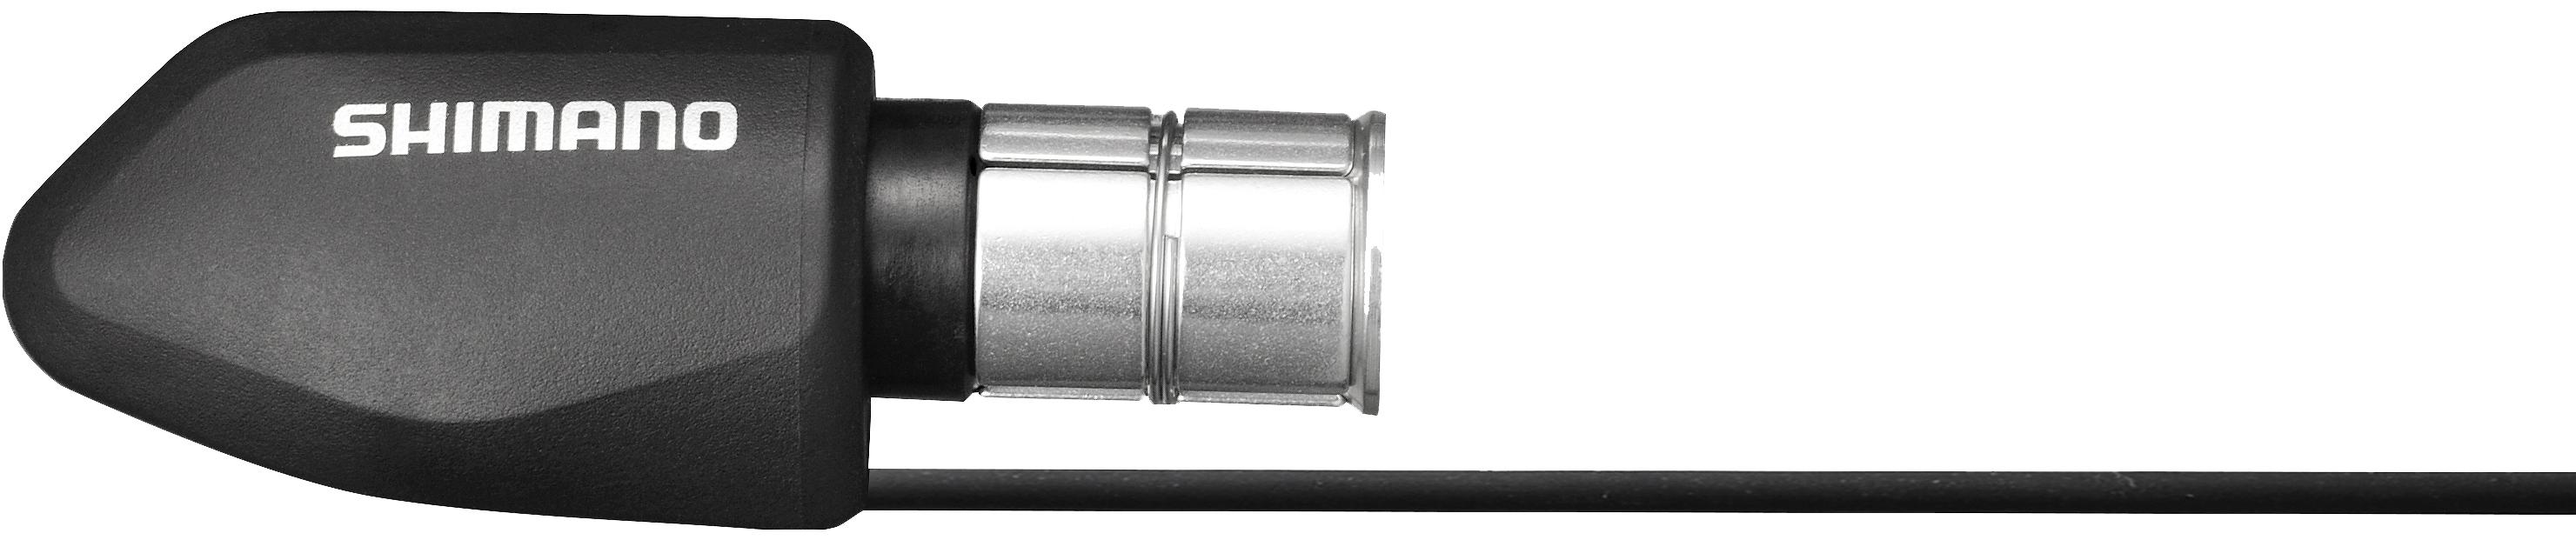 SHIMANO tlačítka SW-R671-R triatlon pro rovná řídítka - pravé pro D-A Di2, Ultegra Di2